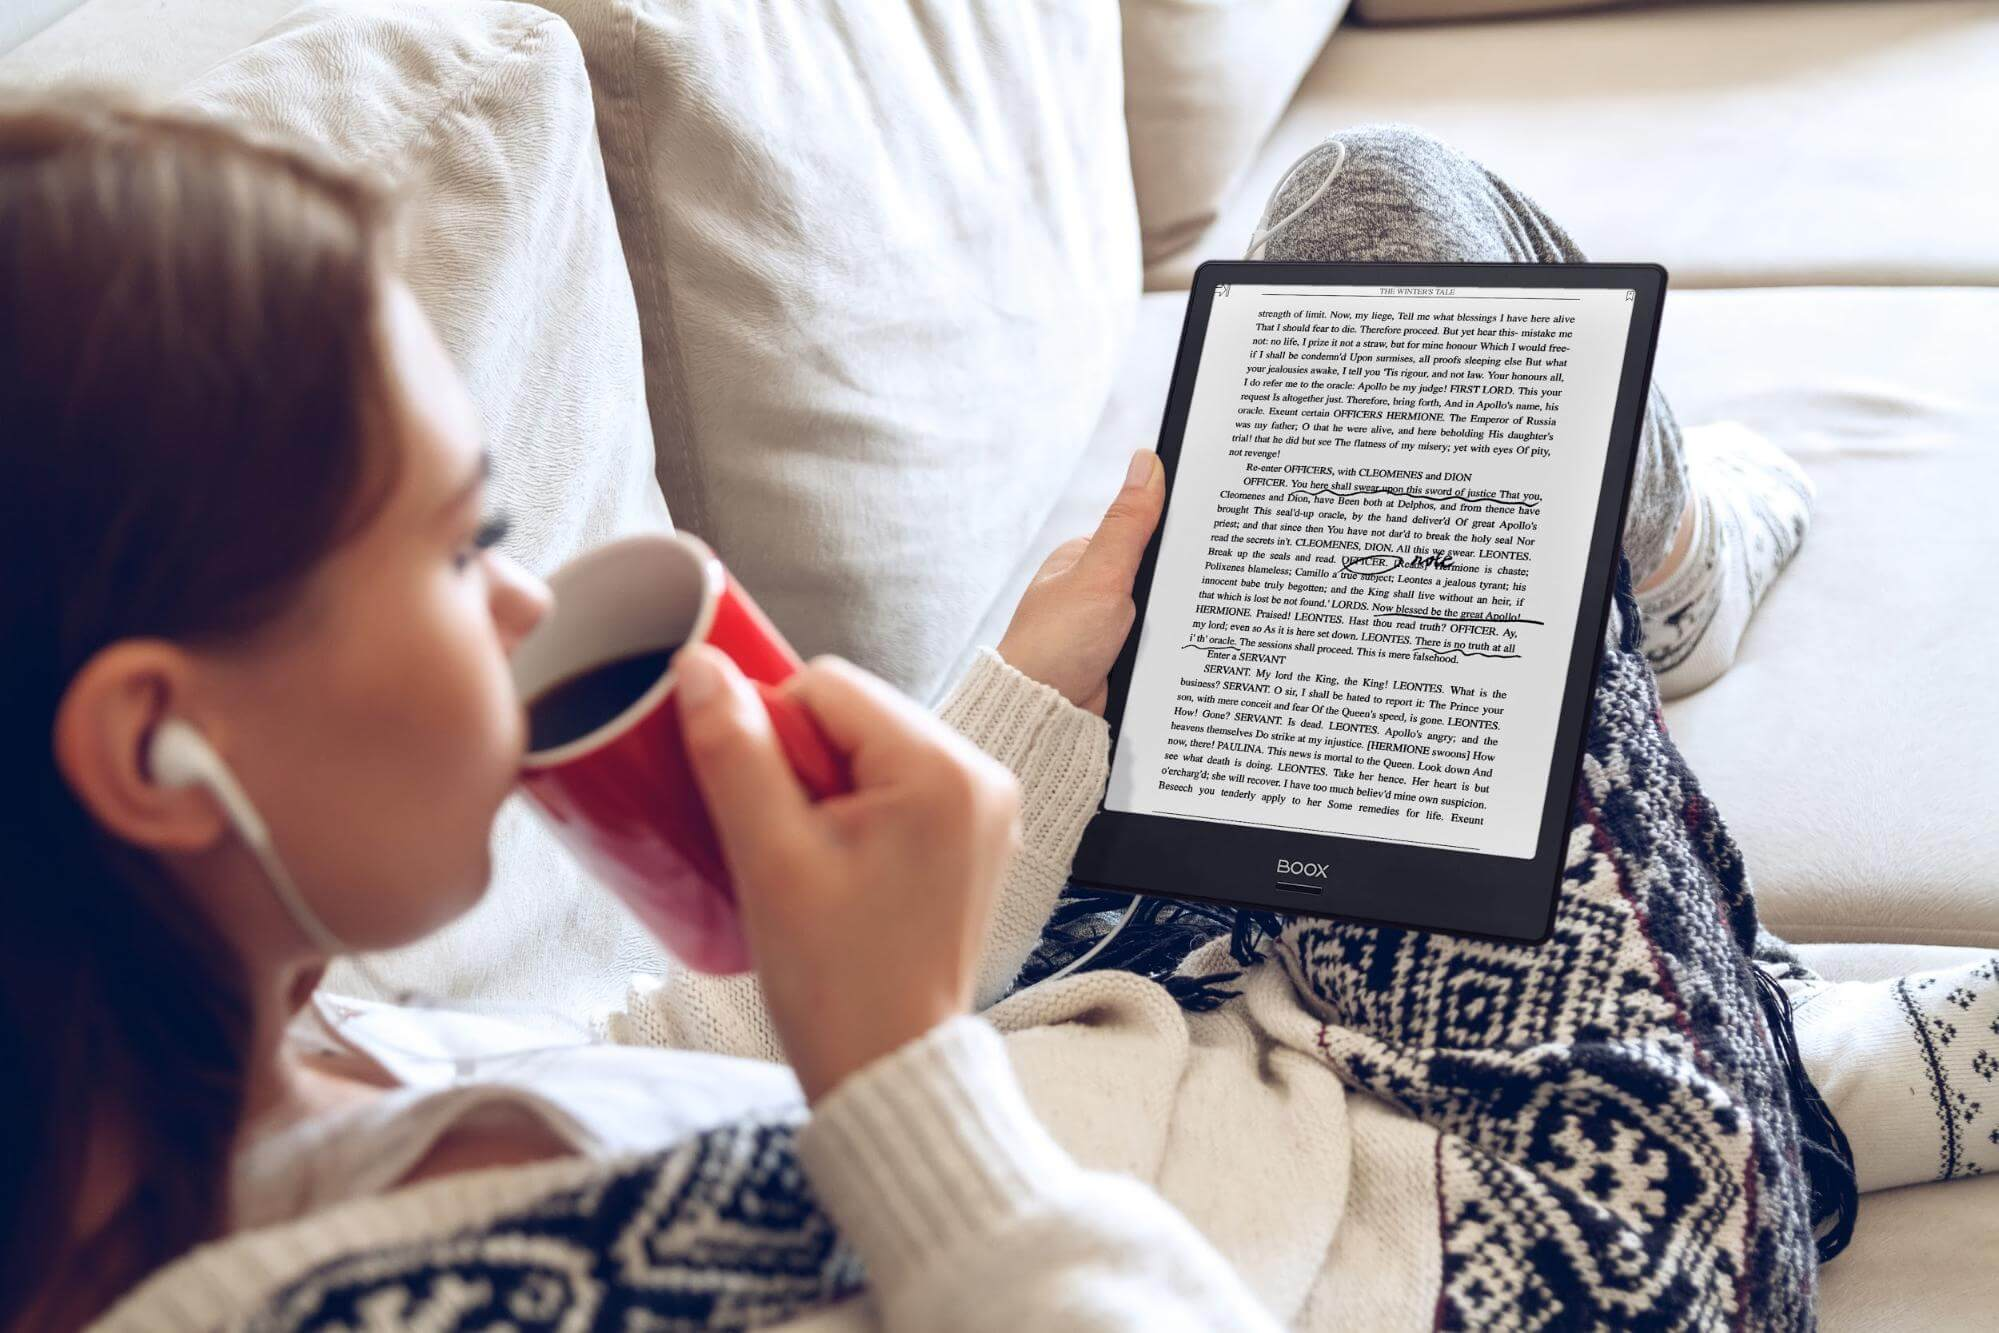 電子閱讀器優勢:干擾少,閱讀更專注